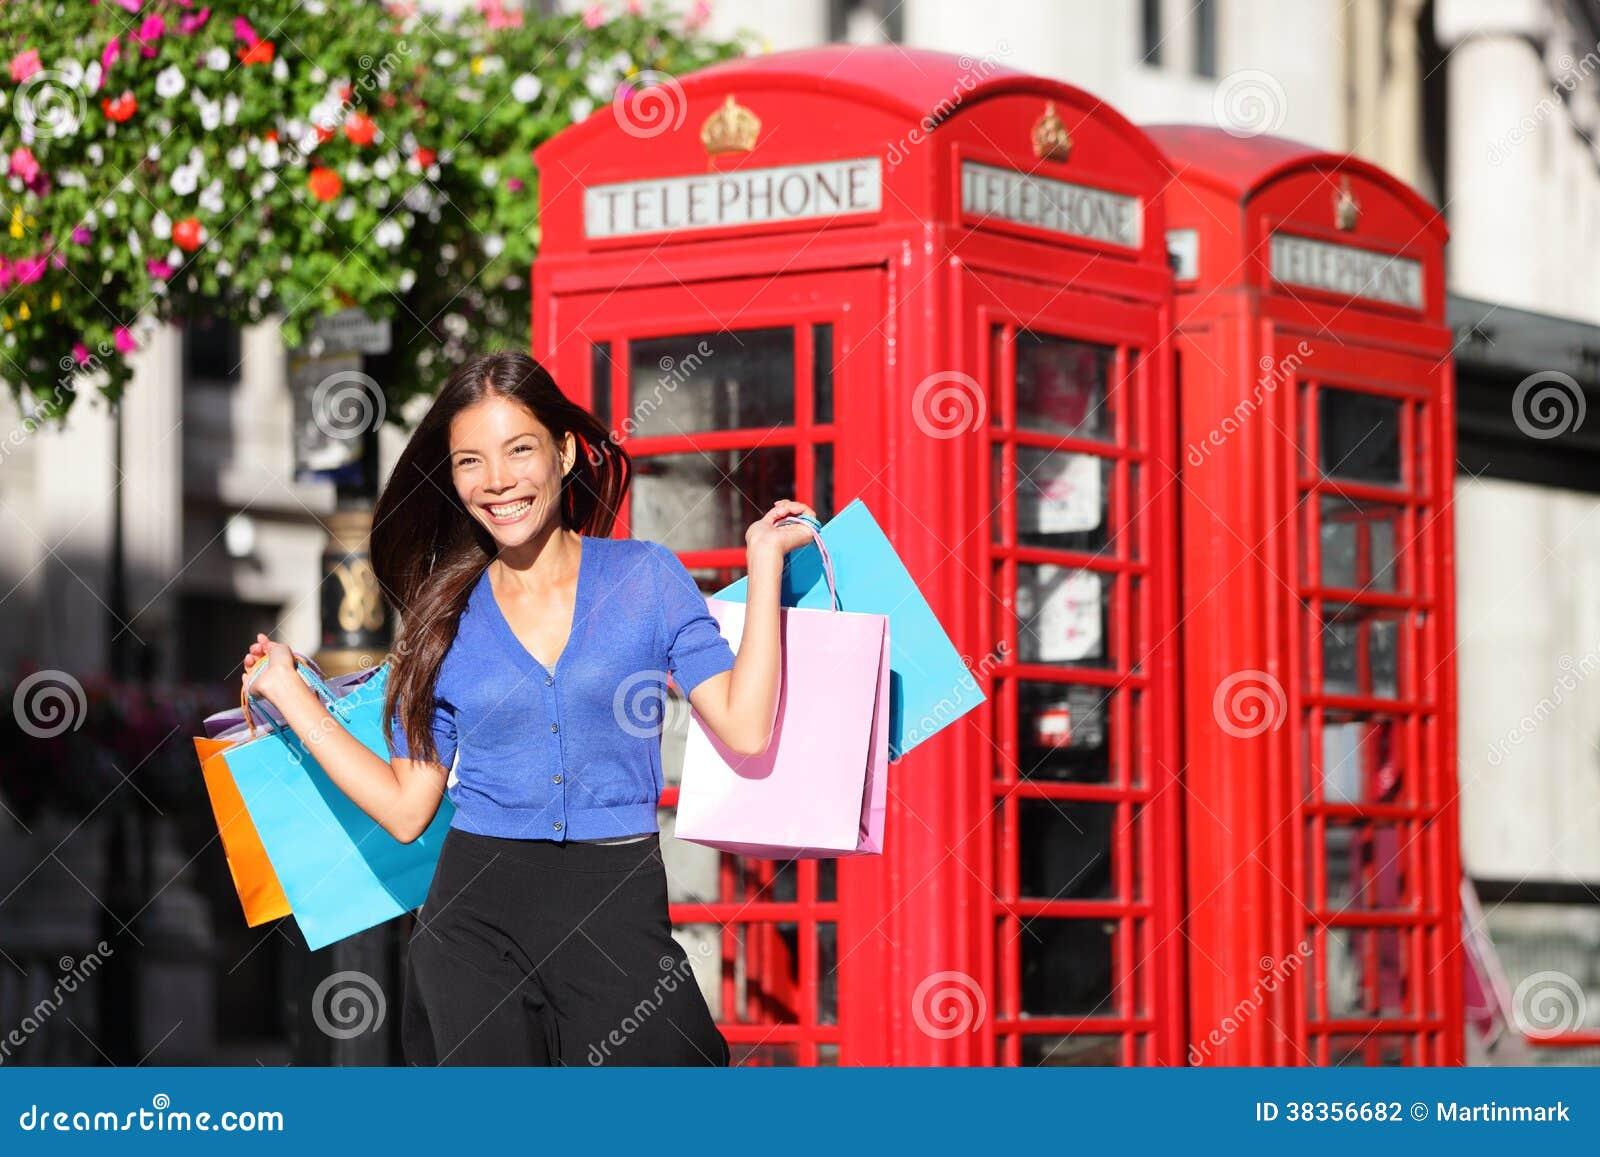 Winkelende de vrouwenklant van Engeland Londen met zakken